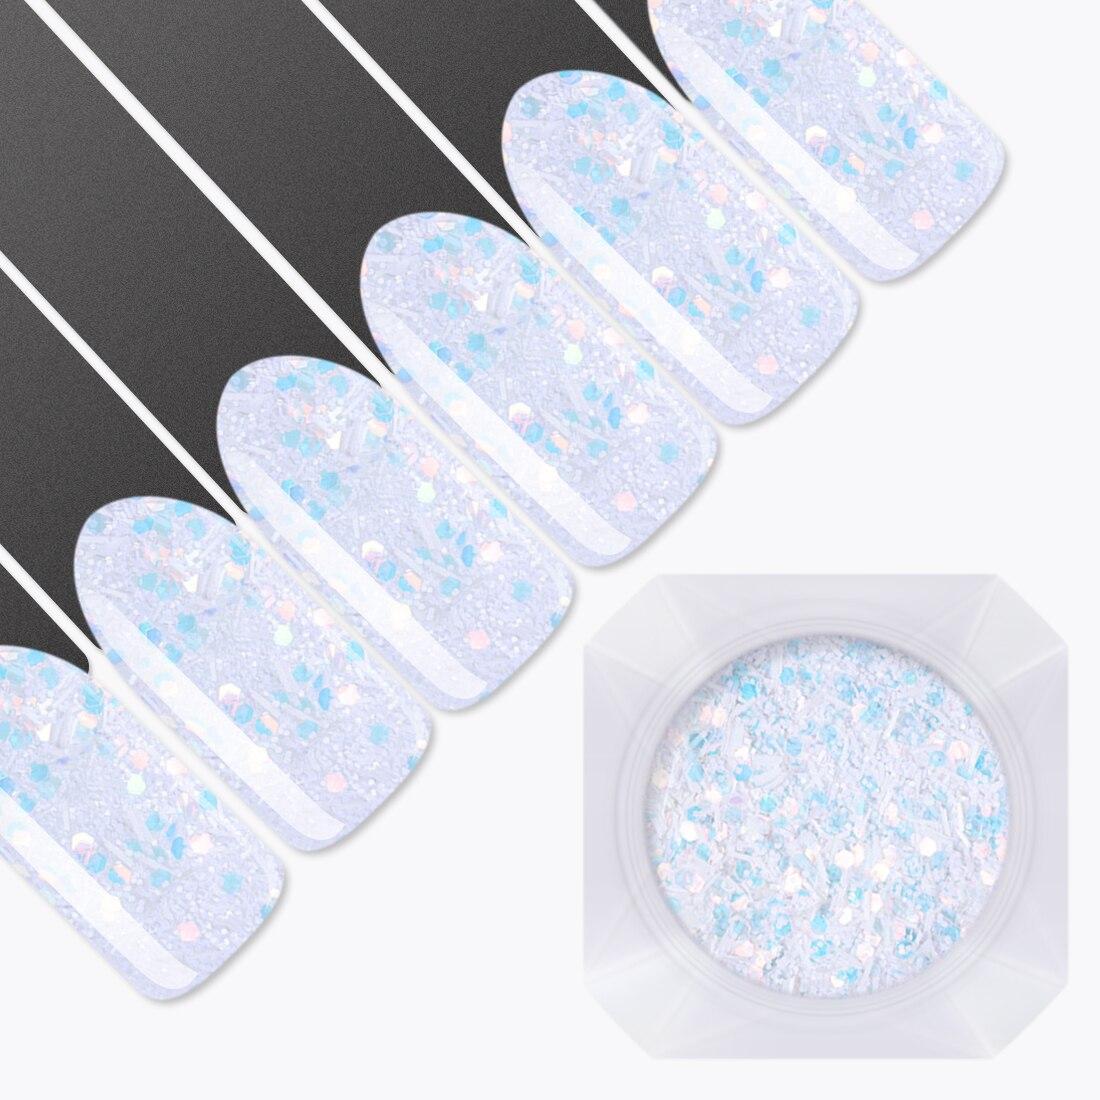 Hexagon Schneeflocke Nagel Pailletten 1,5g/jar Blau Weiß Streifen Paillette Schuppige Nail Art Tipps Winter Dekoration Maniküre Glitter Nagelglitzer